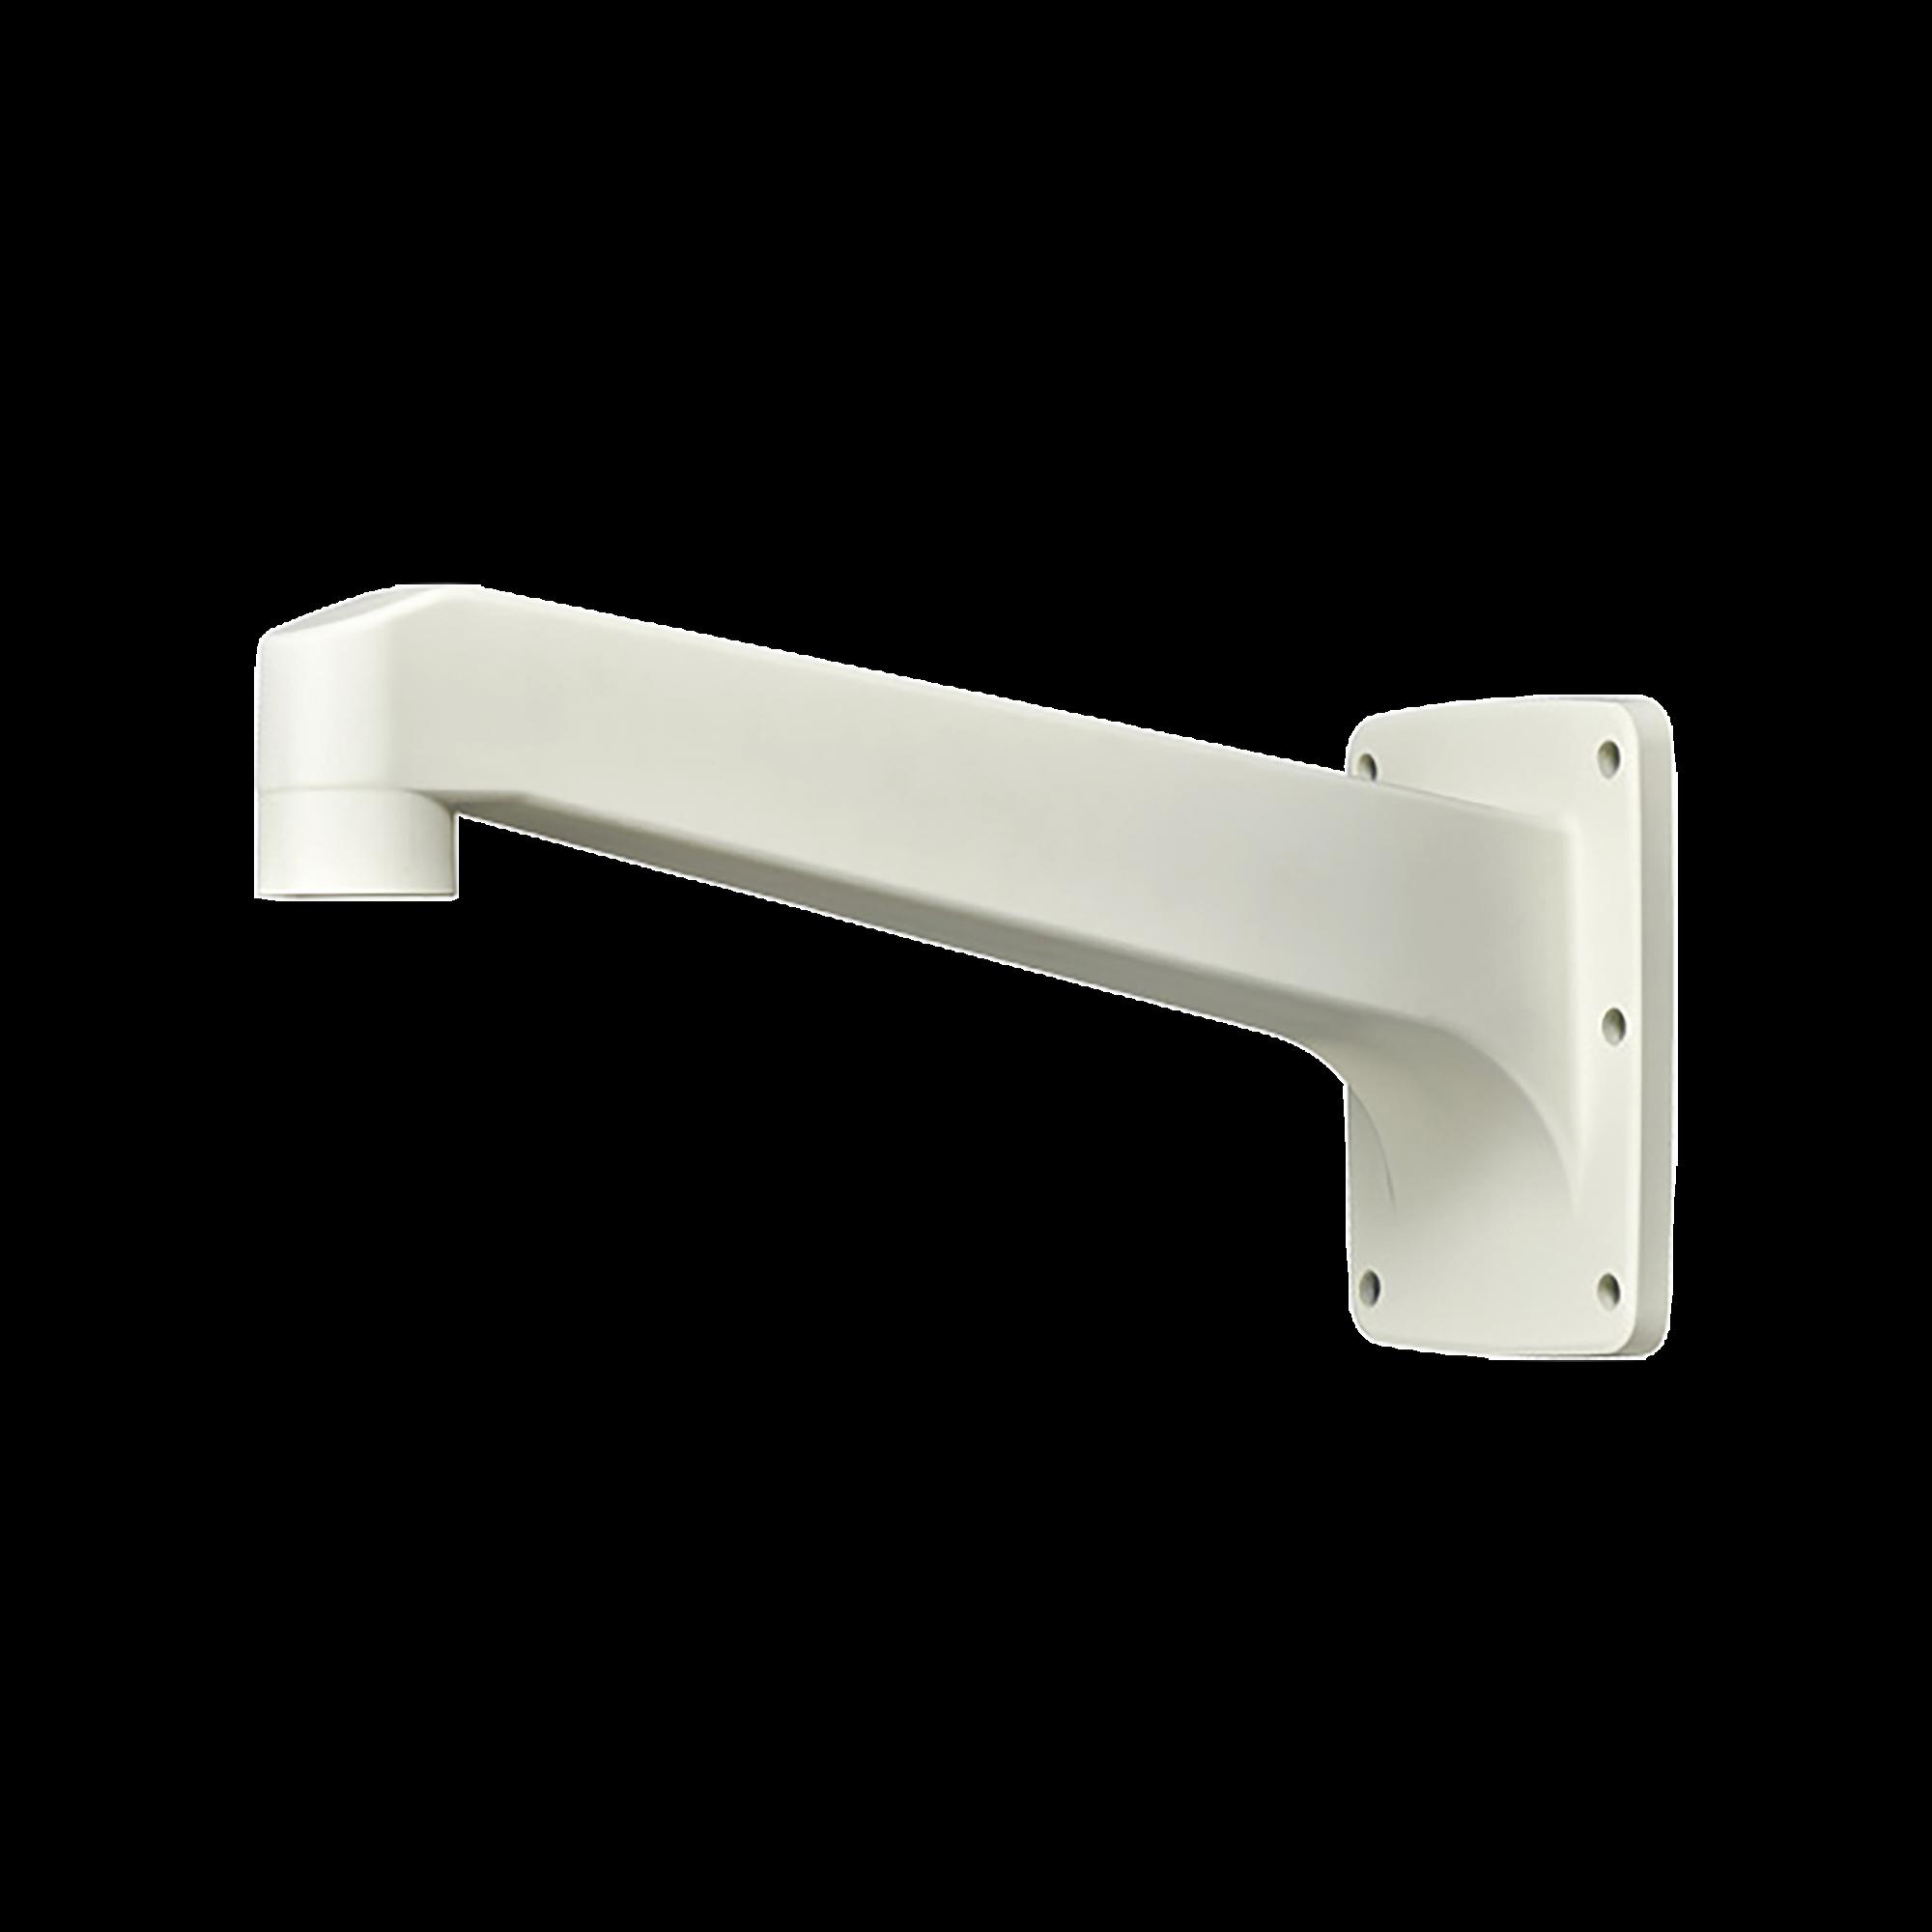 Montaje Adaptador de Pared Alargado Compatible con Cámaras Domo Fijas y PTZ Samsung/Hanwha